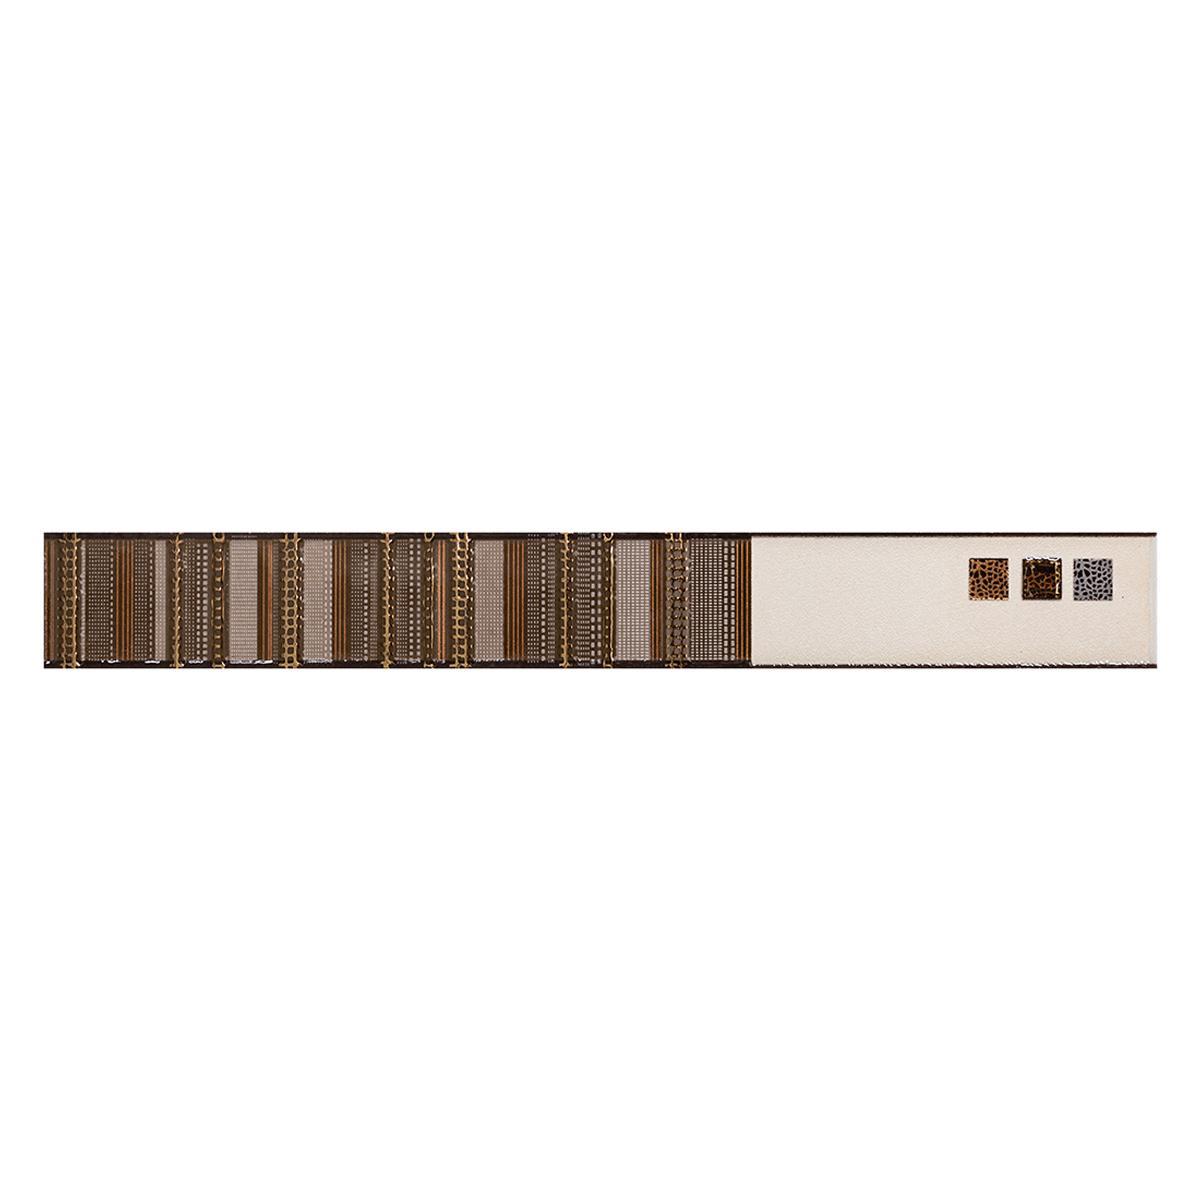 Listelo Egipto Beige Brillante/Mate - 4.7X40 cm - 1 pza